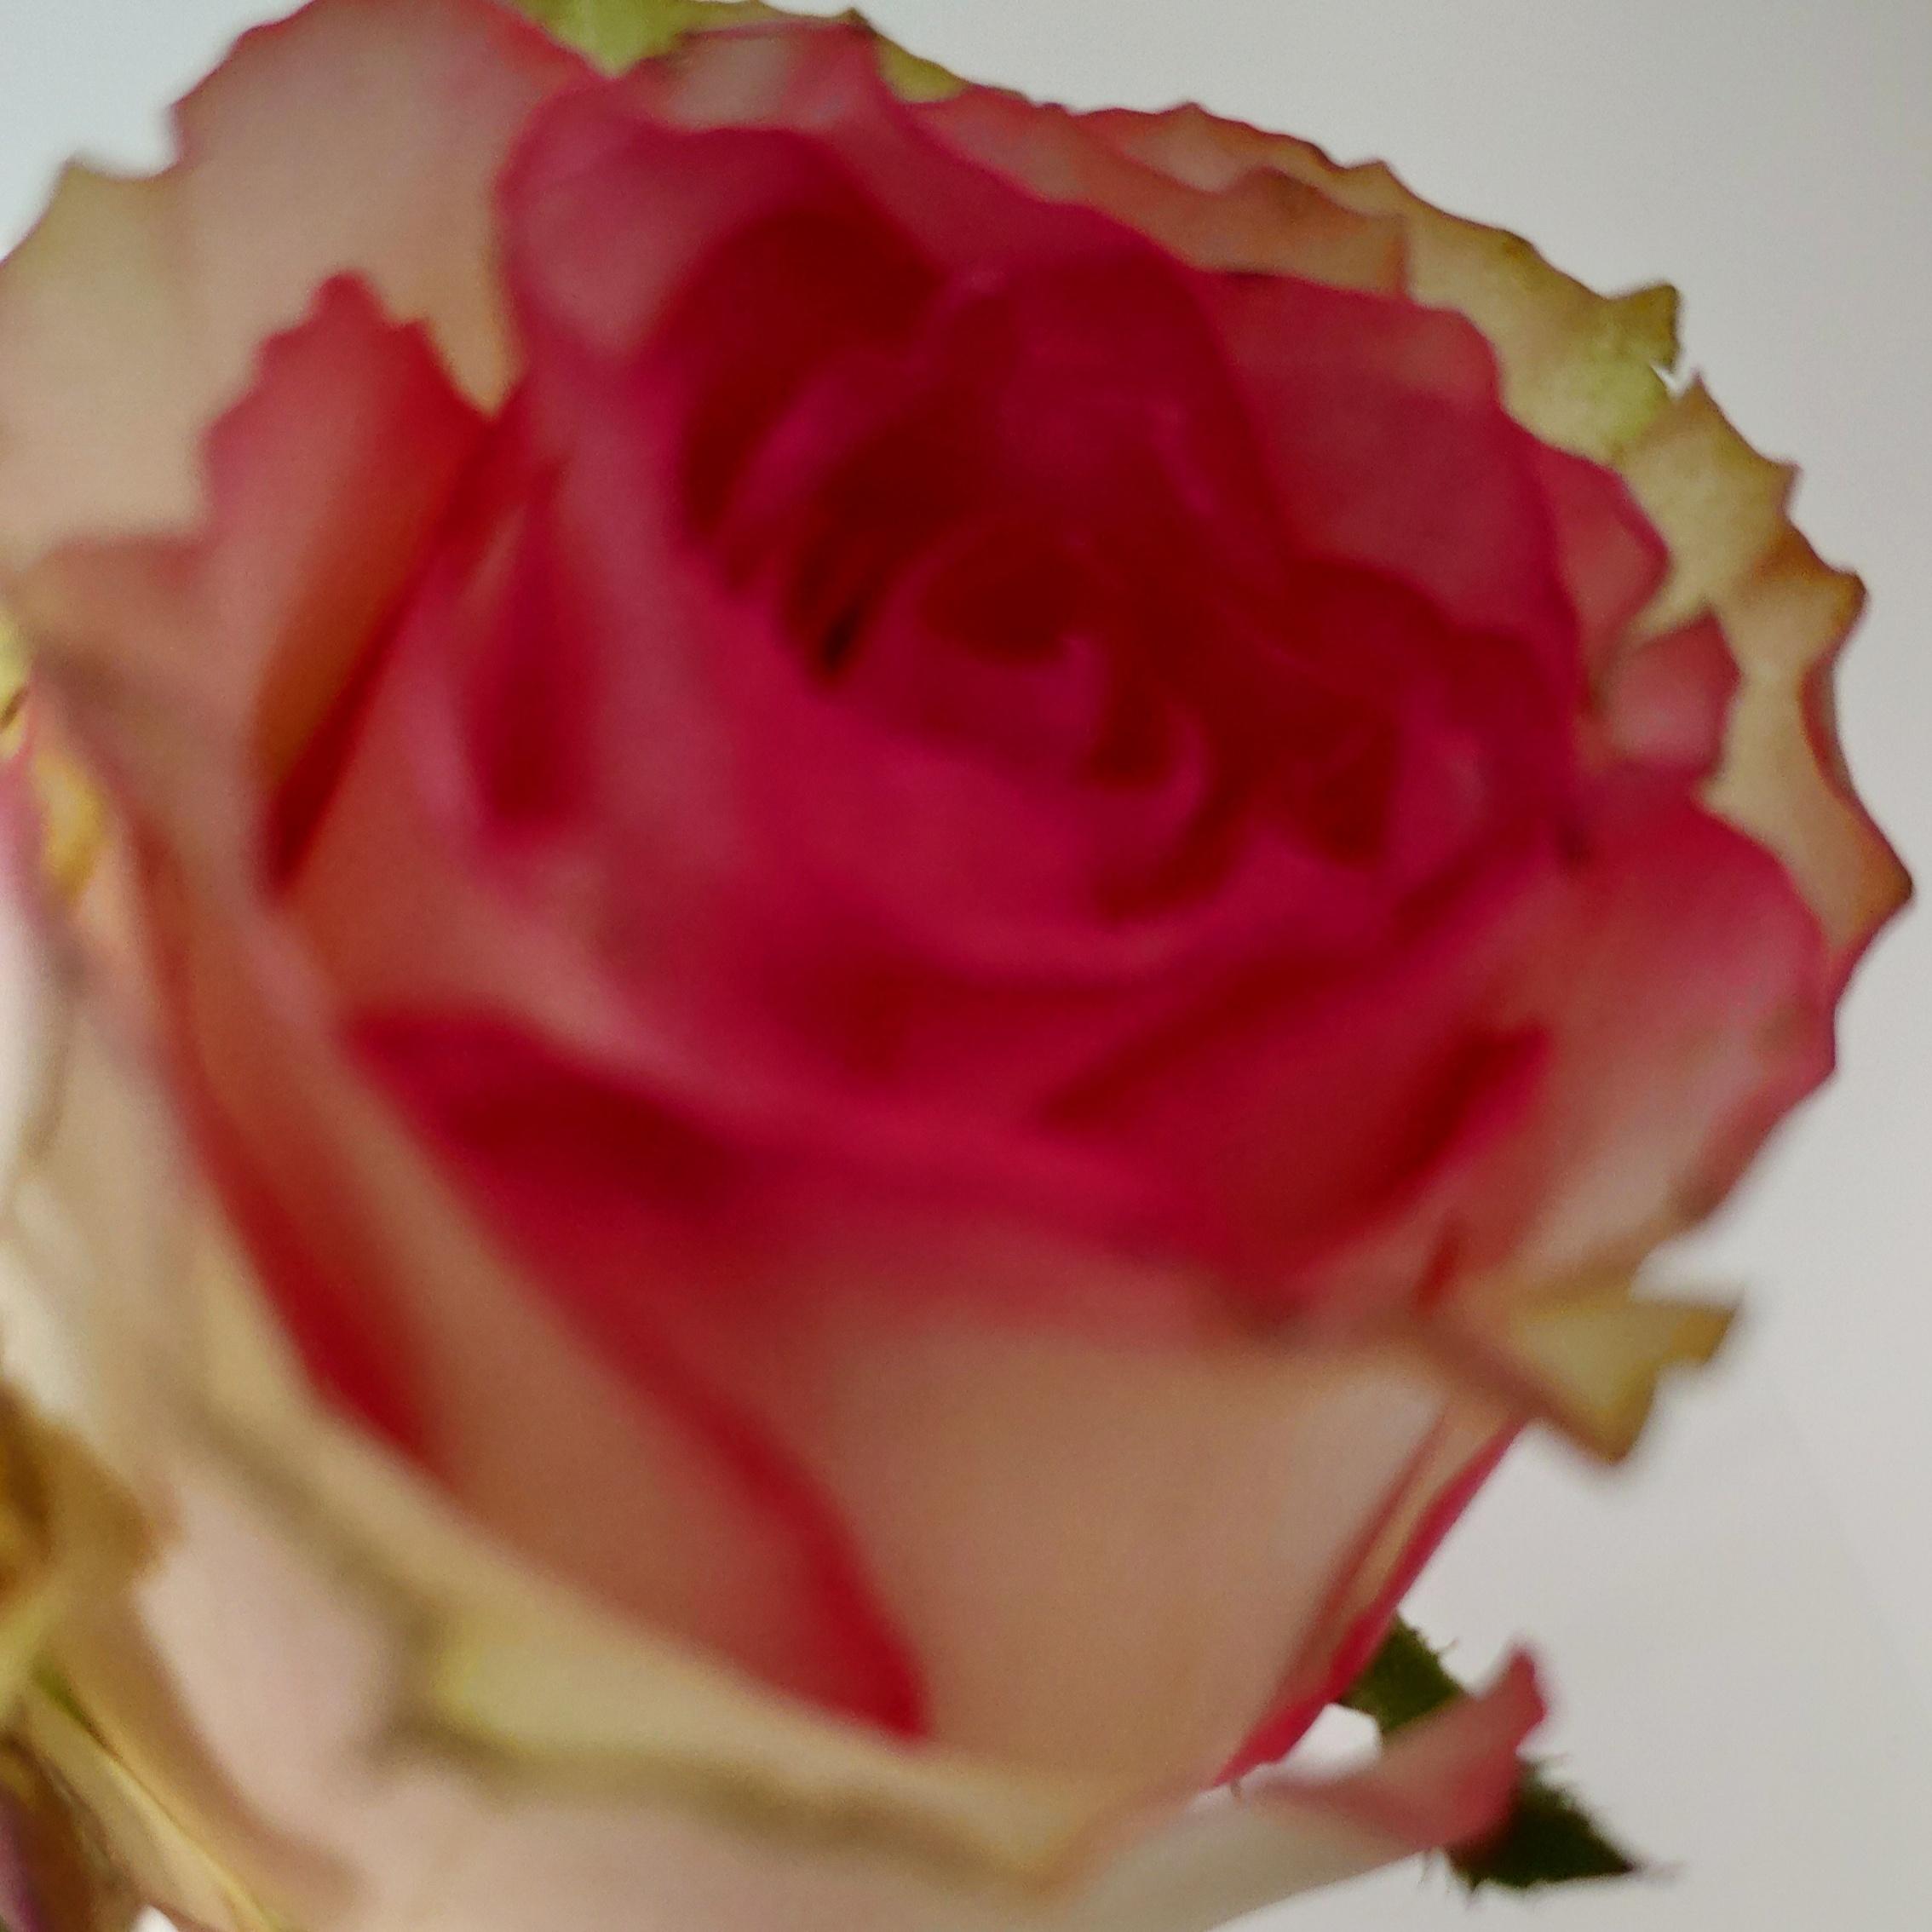 Une rose offerte en caisse pour la fête des mères - Decathlon Colmar (68)